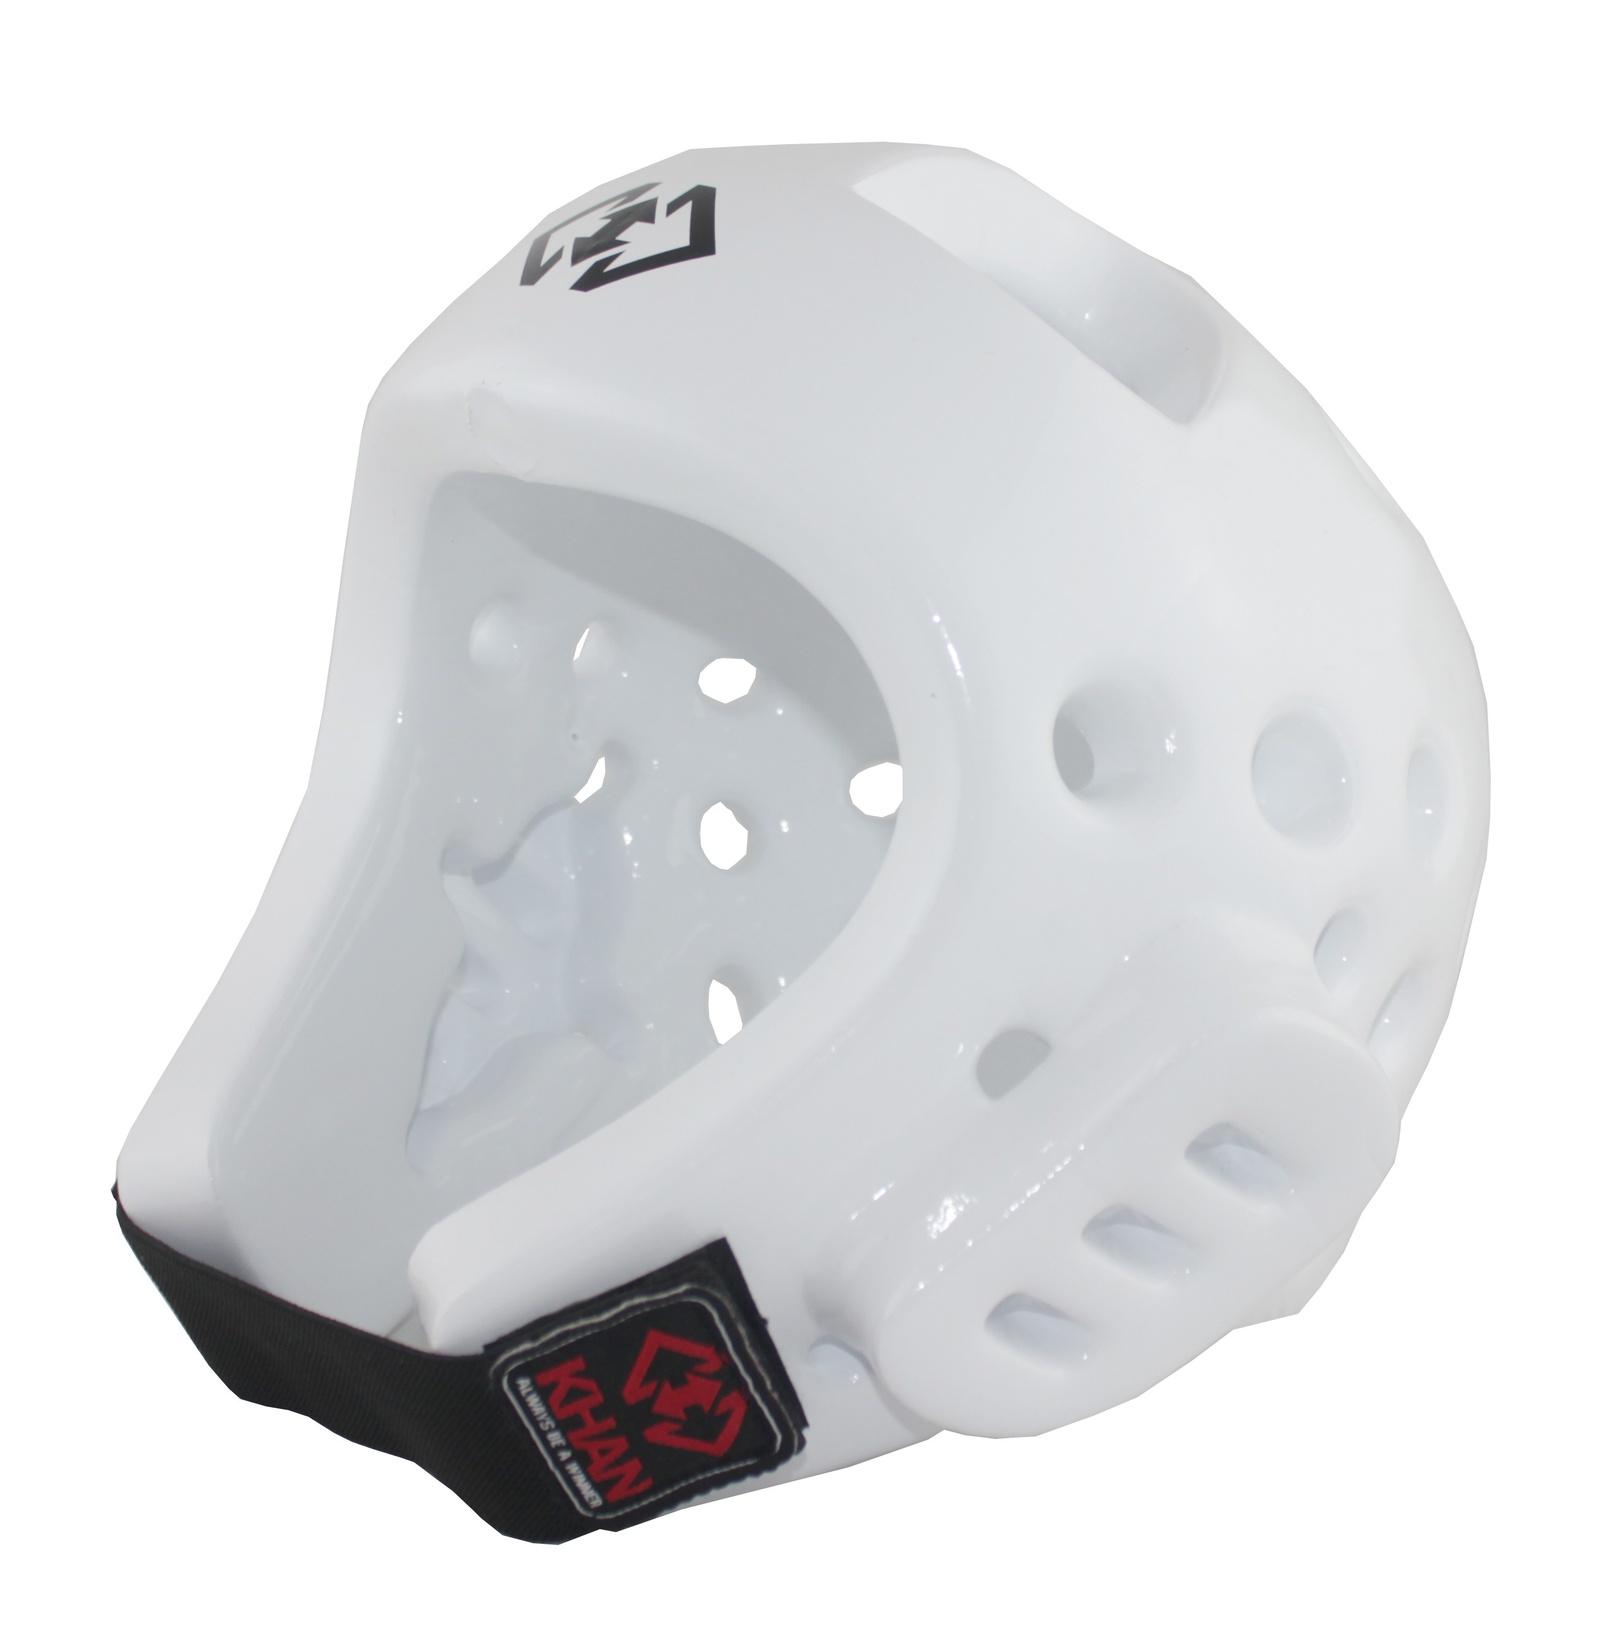 Шлем для тхэквондо Khan Защита головы (шлем) Khan Club белый, цвет: белый. E1106801_2. Размер S, E1106801_2 кроссовки khan белый 36 размер